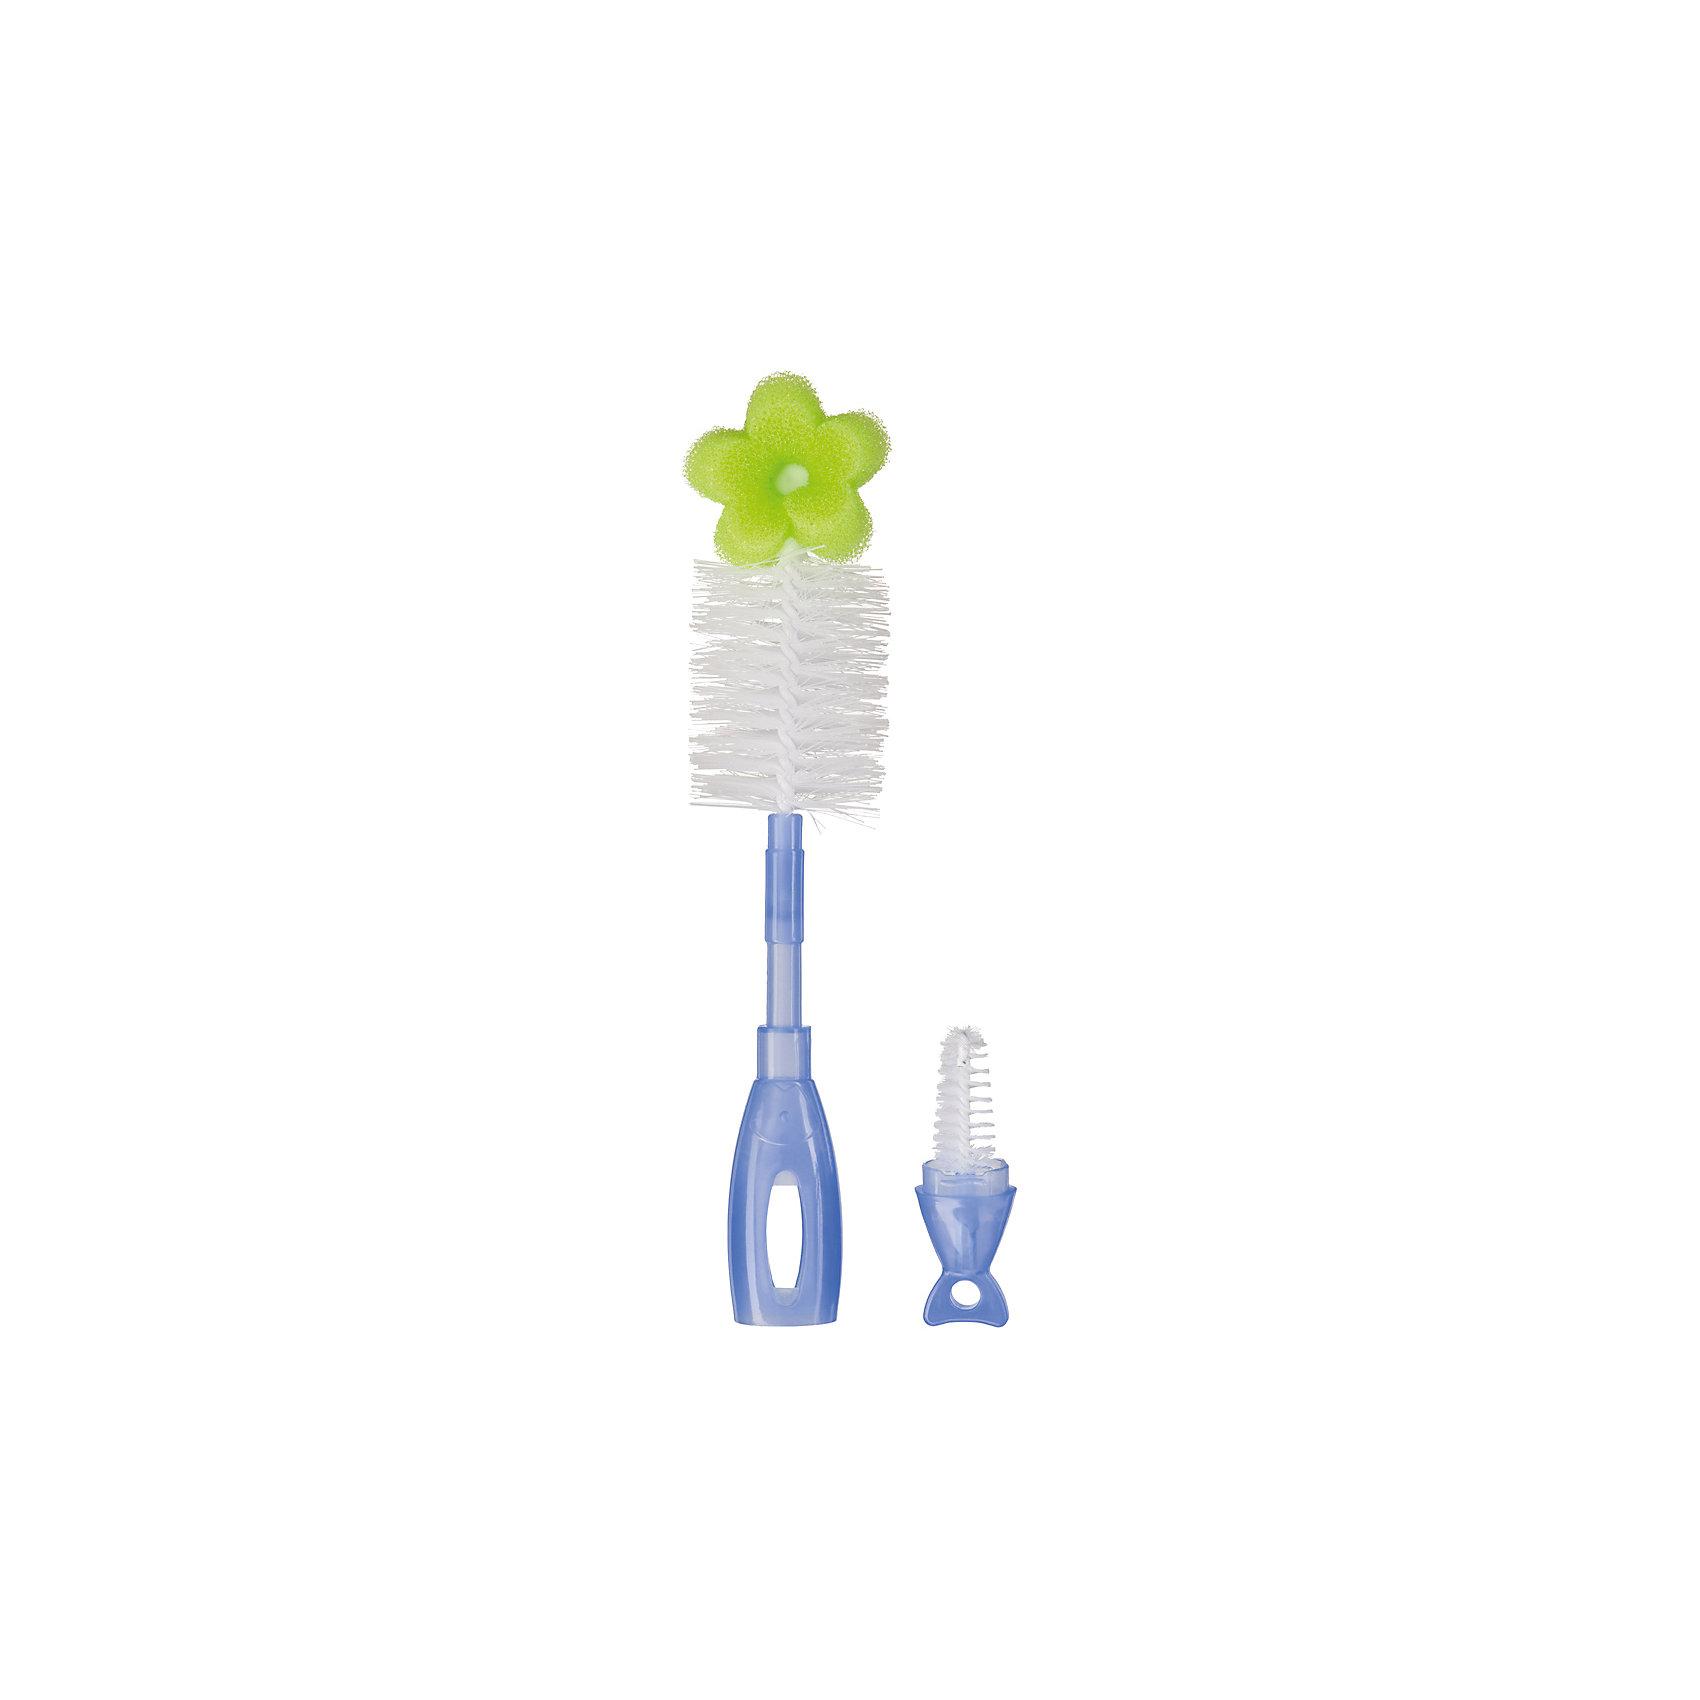 Ёршик 2 в 1 для бутылочек и сосок DOUBLE CLEAN, Happy Baby, лаймАксессуары для бутылочек и поильников<br>Удобная конструкция ёршика DOUBLE CLEAN: Happy Baby, лайм в ручке большого ёршика хранится маленький. Тщательная чистка сосок и детских бутылочек благодаря удобной конфигурации, прочной щетине и высококачественной губке. Удобная, функциональная ручка.<br><br>Дополнительна информация:<br><br>- ёршик для сосок находится в ручке ёршика для бутылочек;<br>- губка и щетина эффективно удаляют все загрязнения;<br>- удобная ручка с отверстием для подвешивания;<br>- прочная щетина.<br>- материал: полипропилен, нейлон, сталь, поролон<br><br>Ёршик 2 в 1 для бутылочек и сосок DOUBLE CLEAN, Happy Baby, лайм можно купить в нашем интернет-магазине<br><br>Ширина мм: 45<br>Глубина мм: 120<br>Высота мм: 370<br>Вес г: 46<br>Возраст от месяцев: 0<br>Возраст до месяцев: 12<br>Пол: Унисекс<br>Возраст: Детский<br>SKU: 4696793